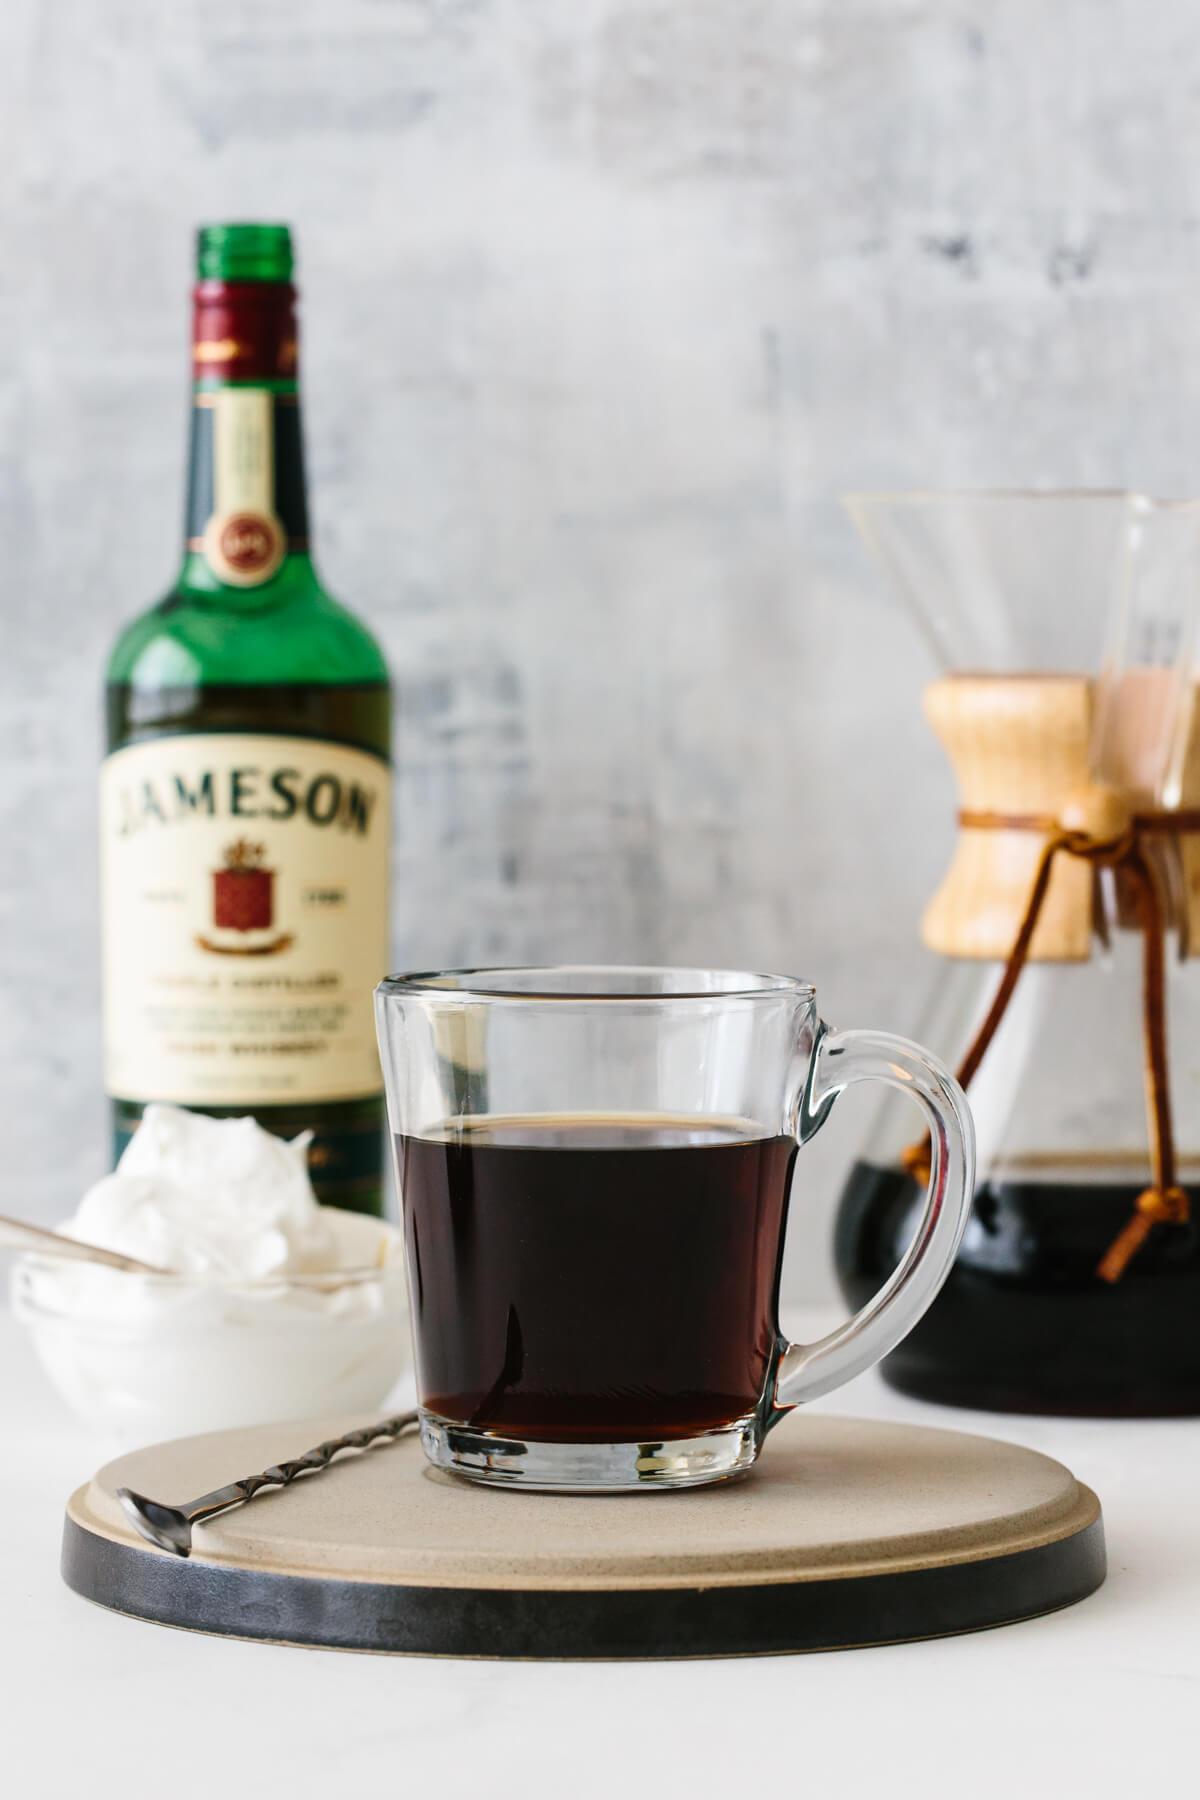 Making Irish Coffee on a table.